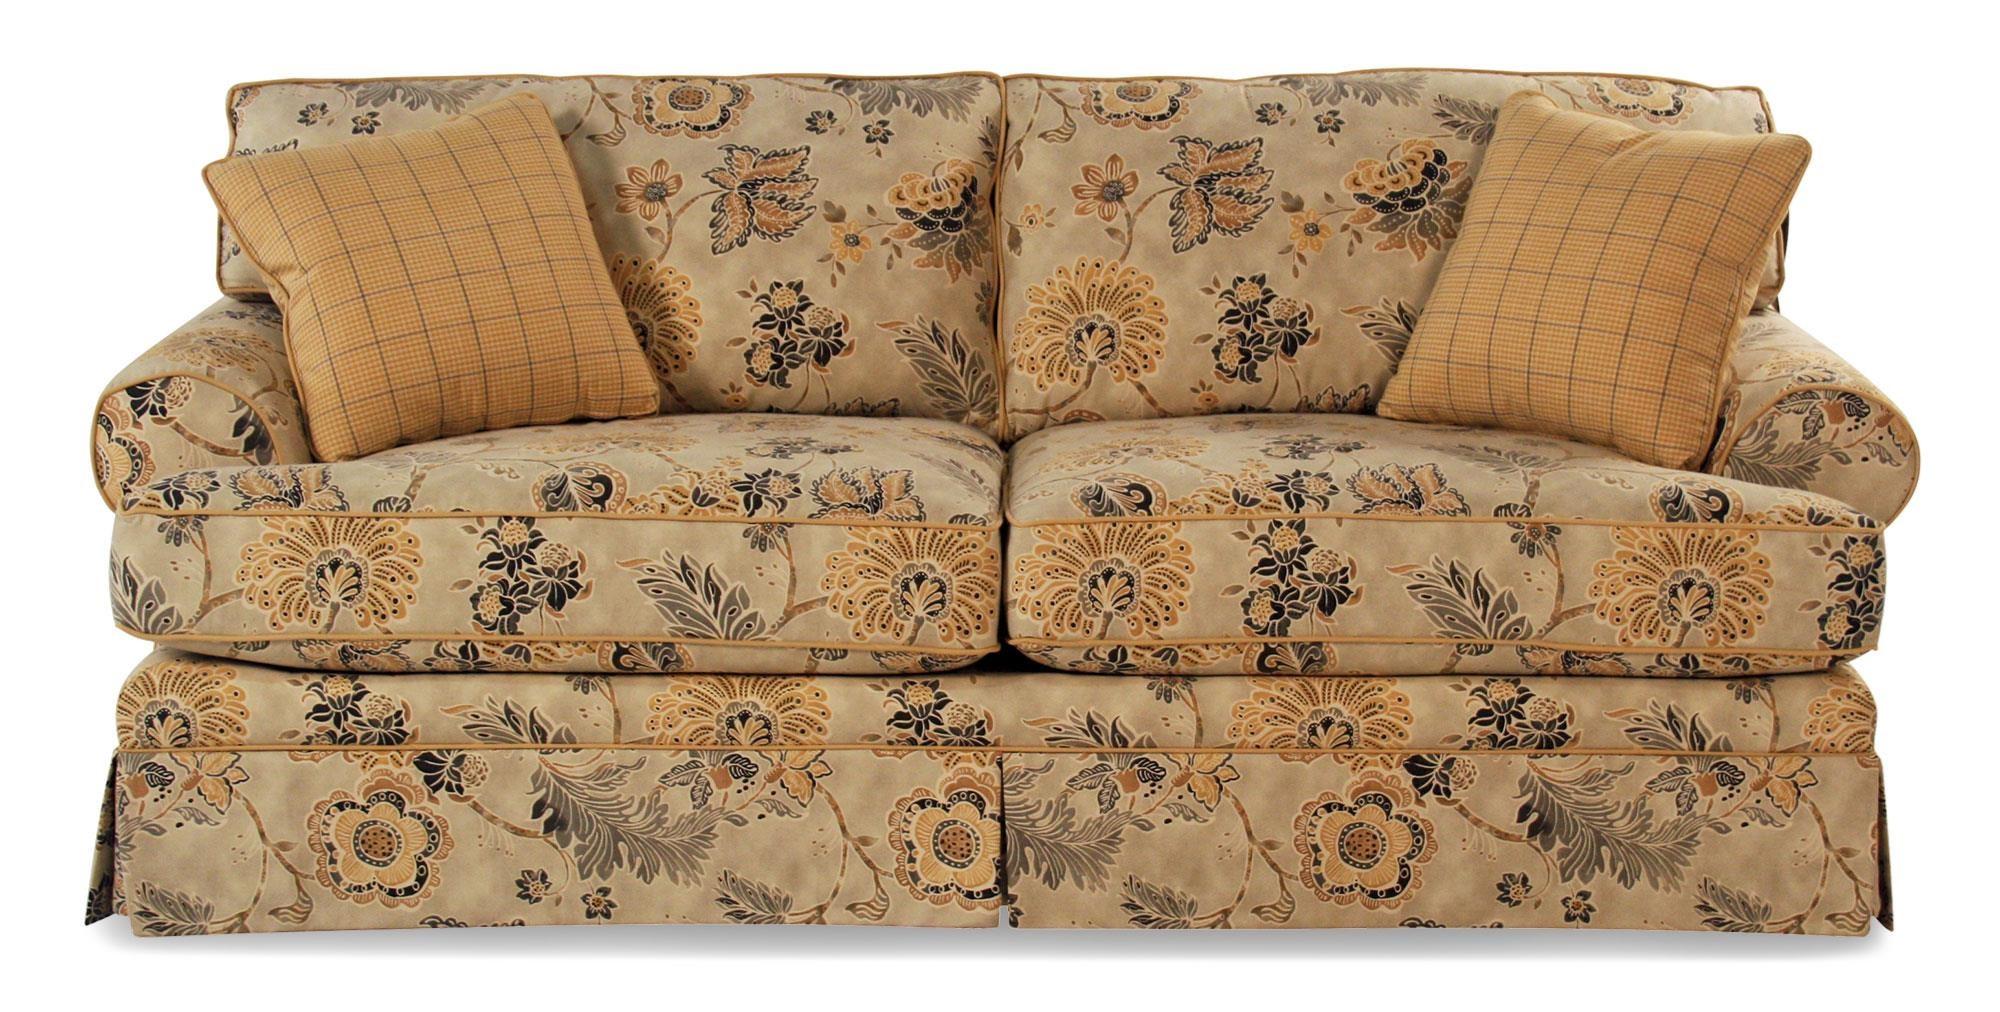 Cozy Life Contessa Casual Skirted Sofa - Item Number: 935450-CONTESSA02